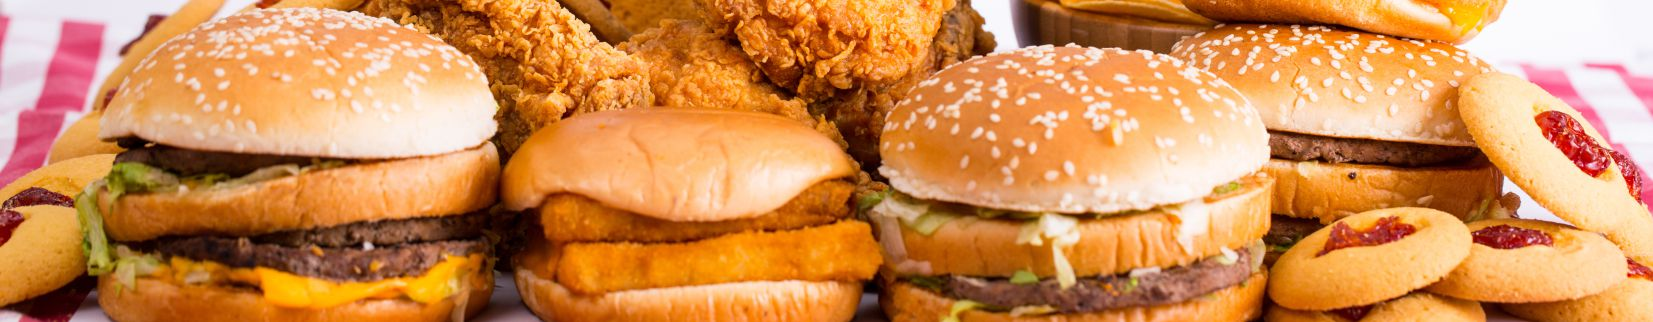 Takeaway Food (Junk Food)